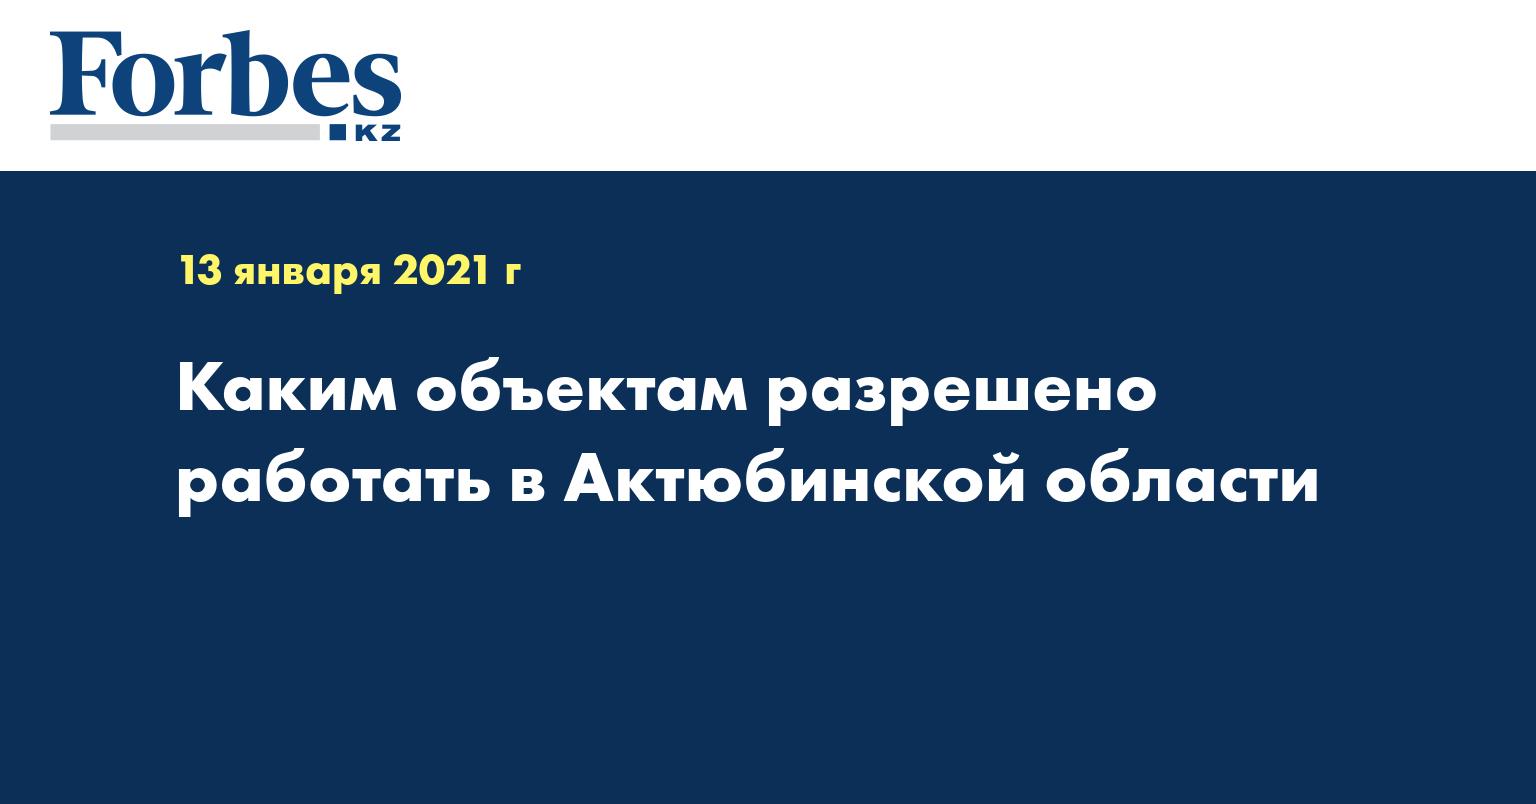 Каким объектам разрешено работать в Актюбинской области